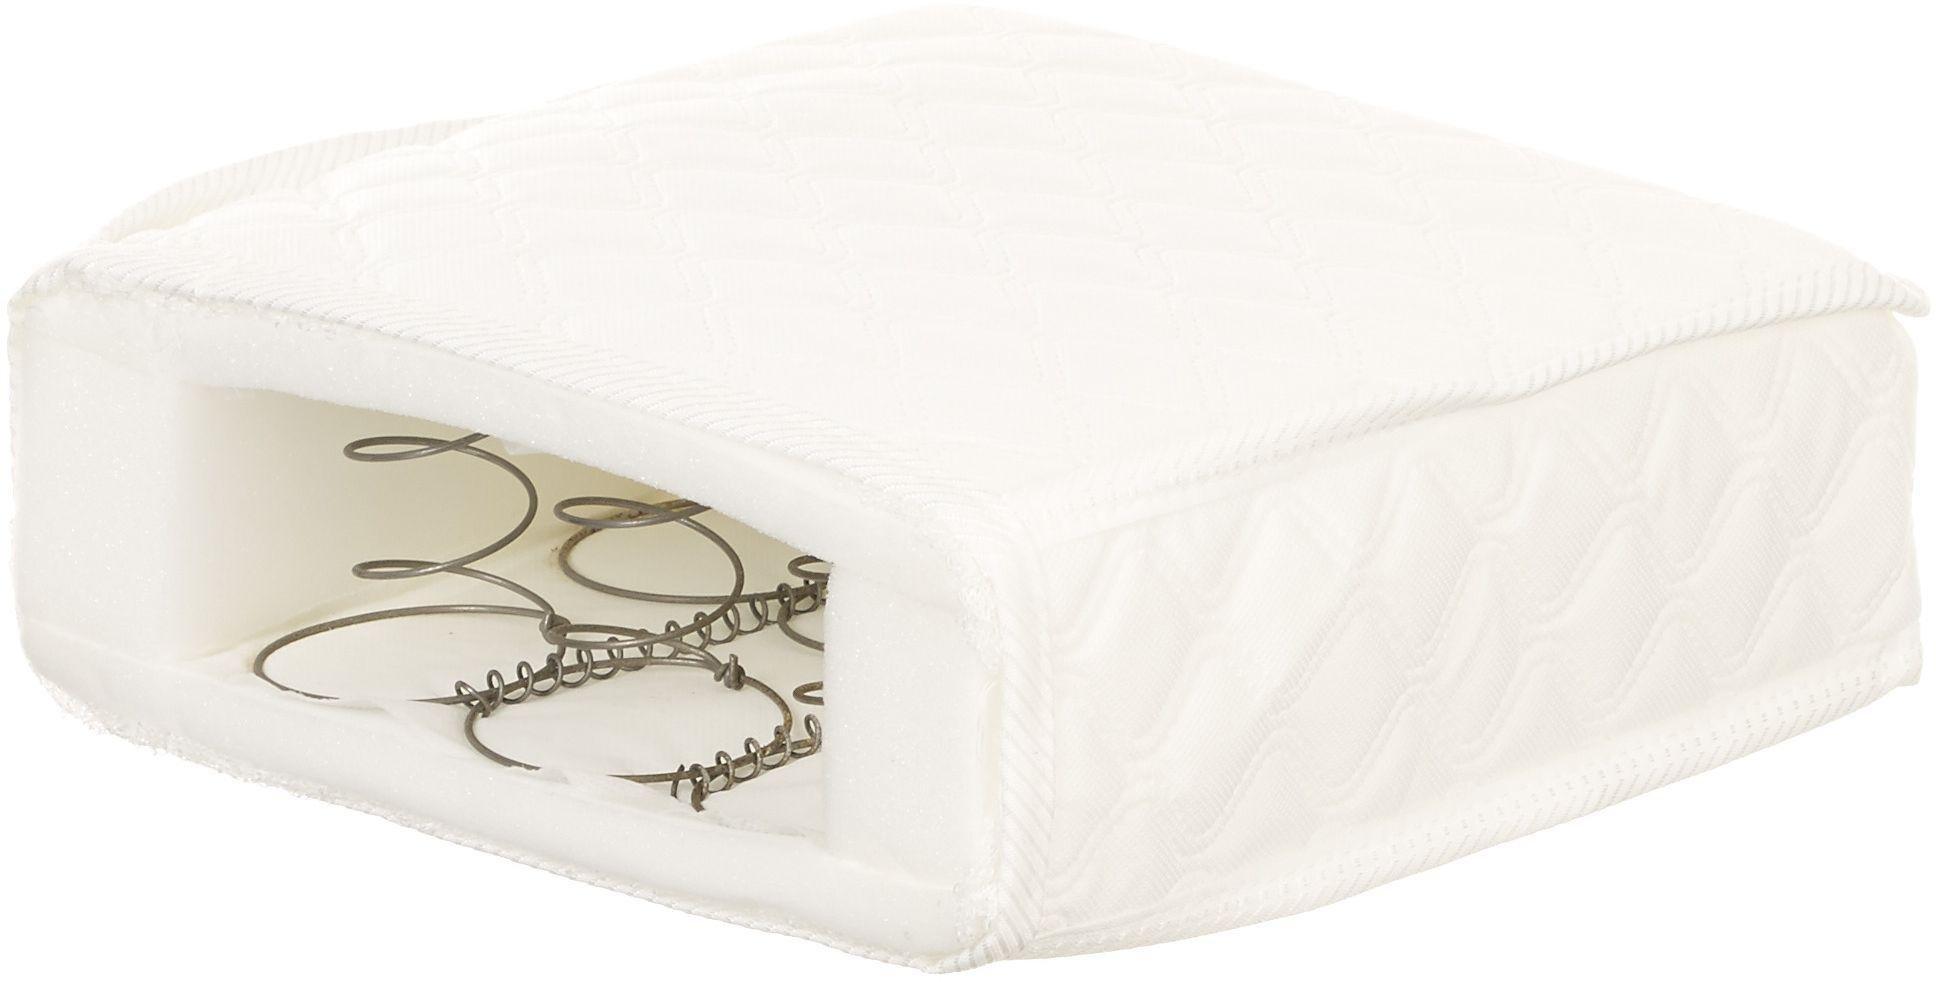 Obaby 140 x 70cm Sprung Cot Bed Mattress.